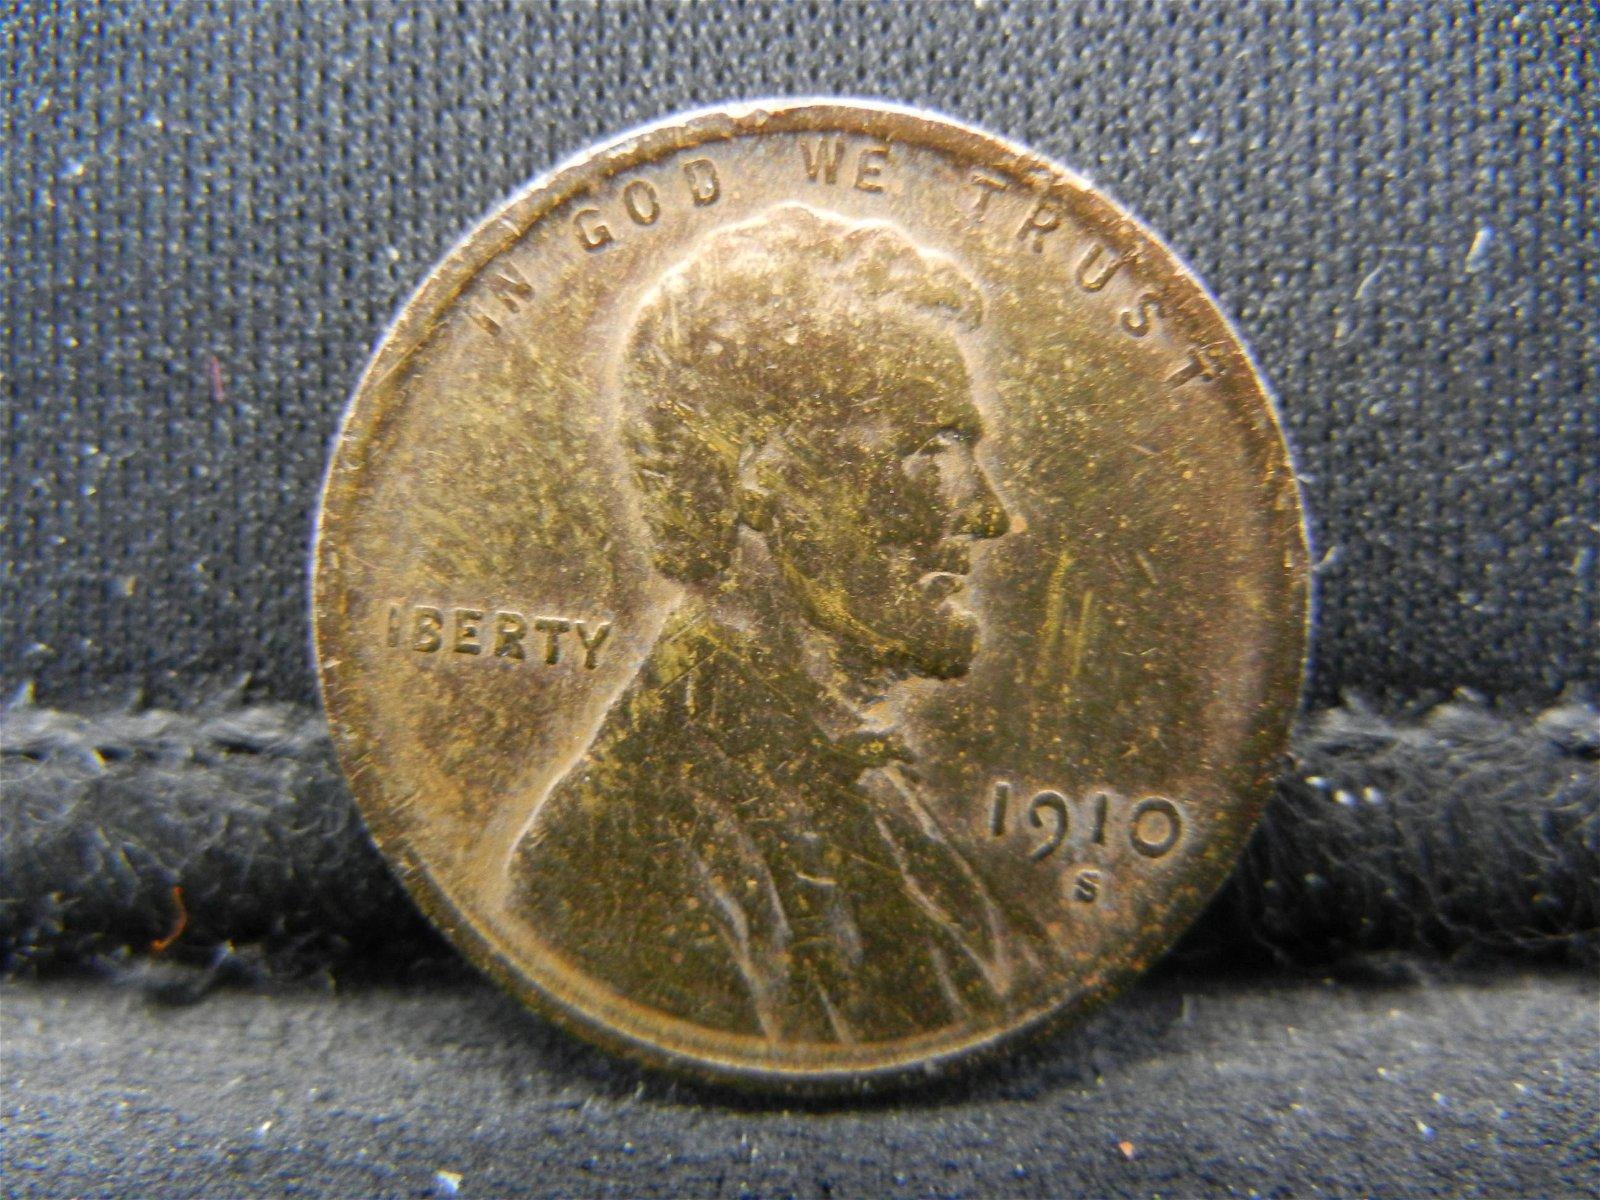 1910-S Semi-Key Date Lincoln Head Cent.